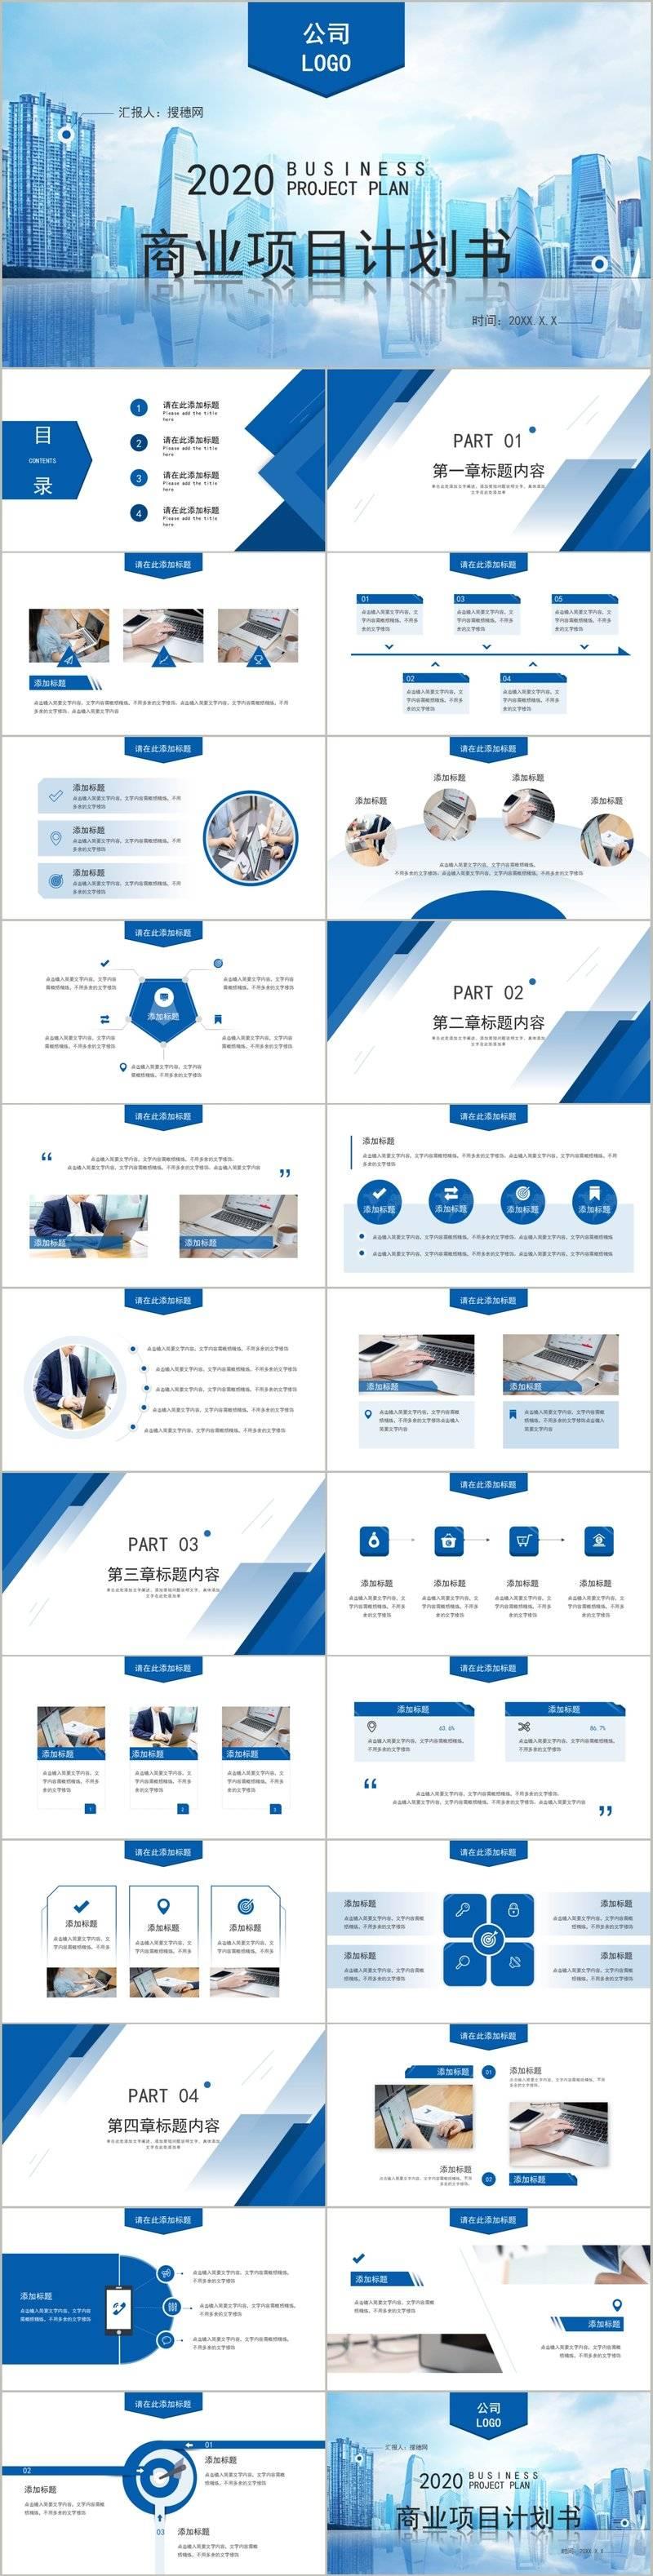 创意蓝色大气公司企业商业项目计划书演示PPT模板